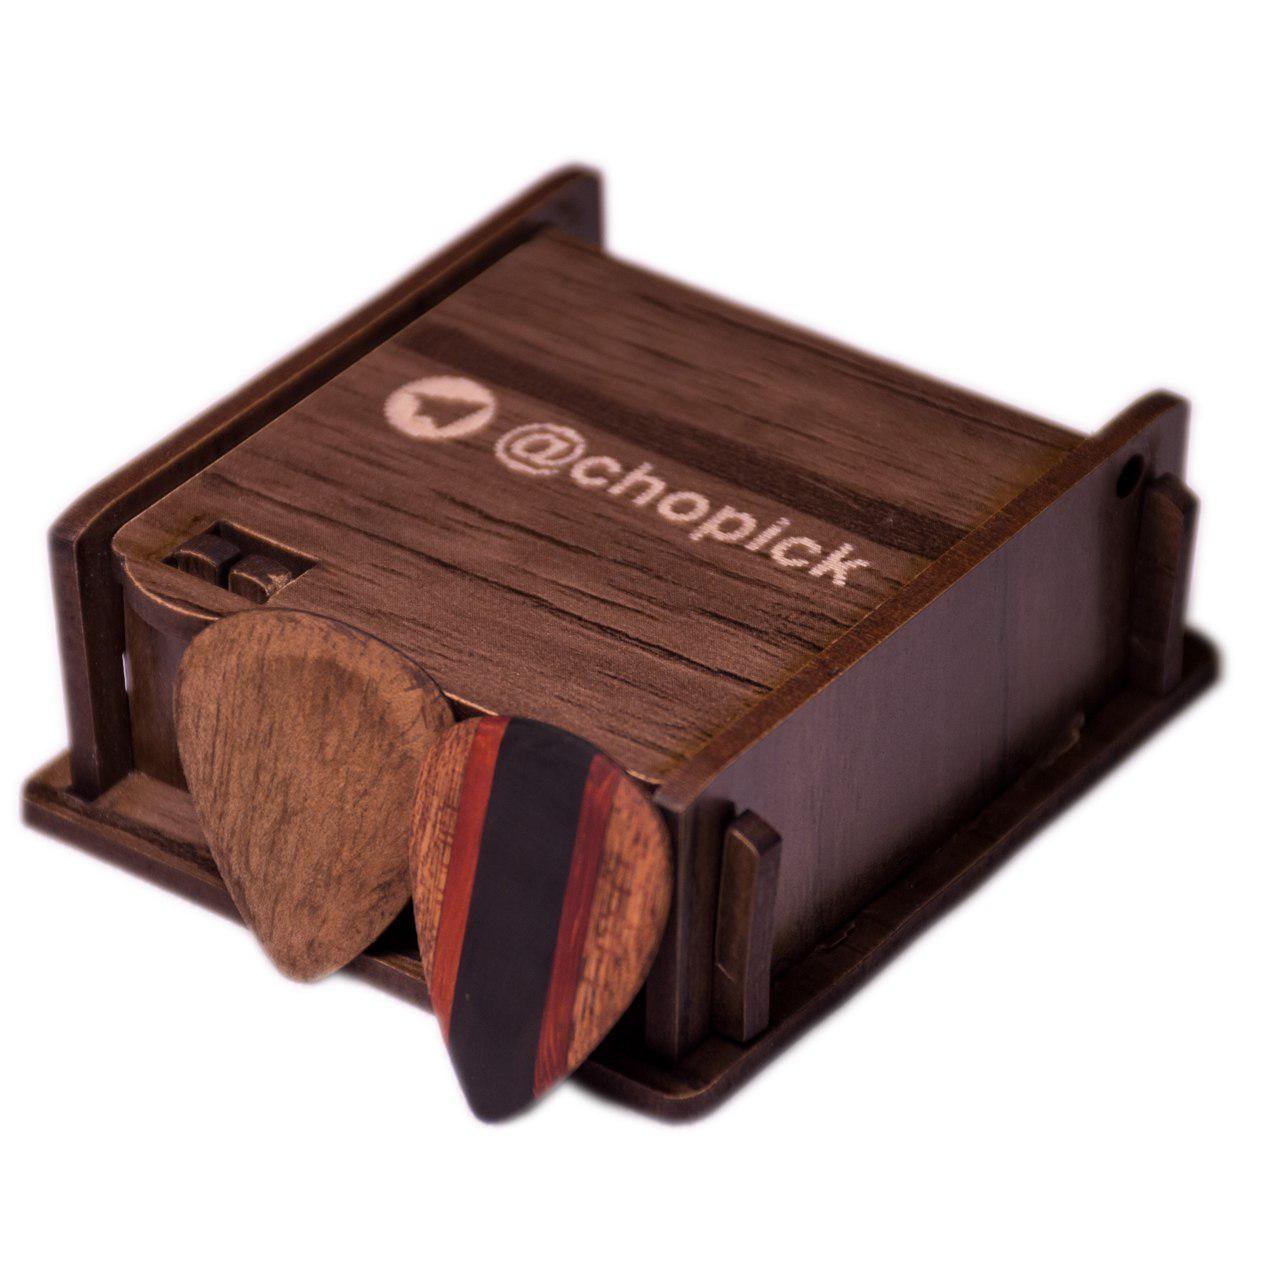 پیک چوبی گیتار چوپیک مدل گردو و چوب سیاه پادوک ماهوگانی ترکیبی بسته 2 عددی